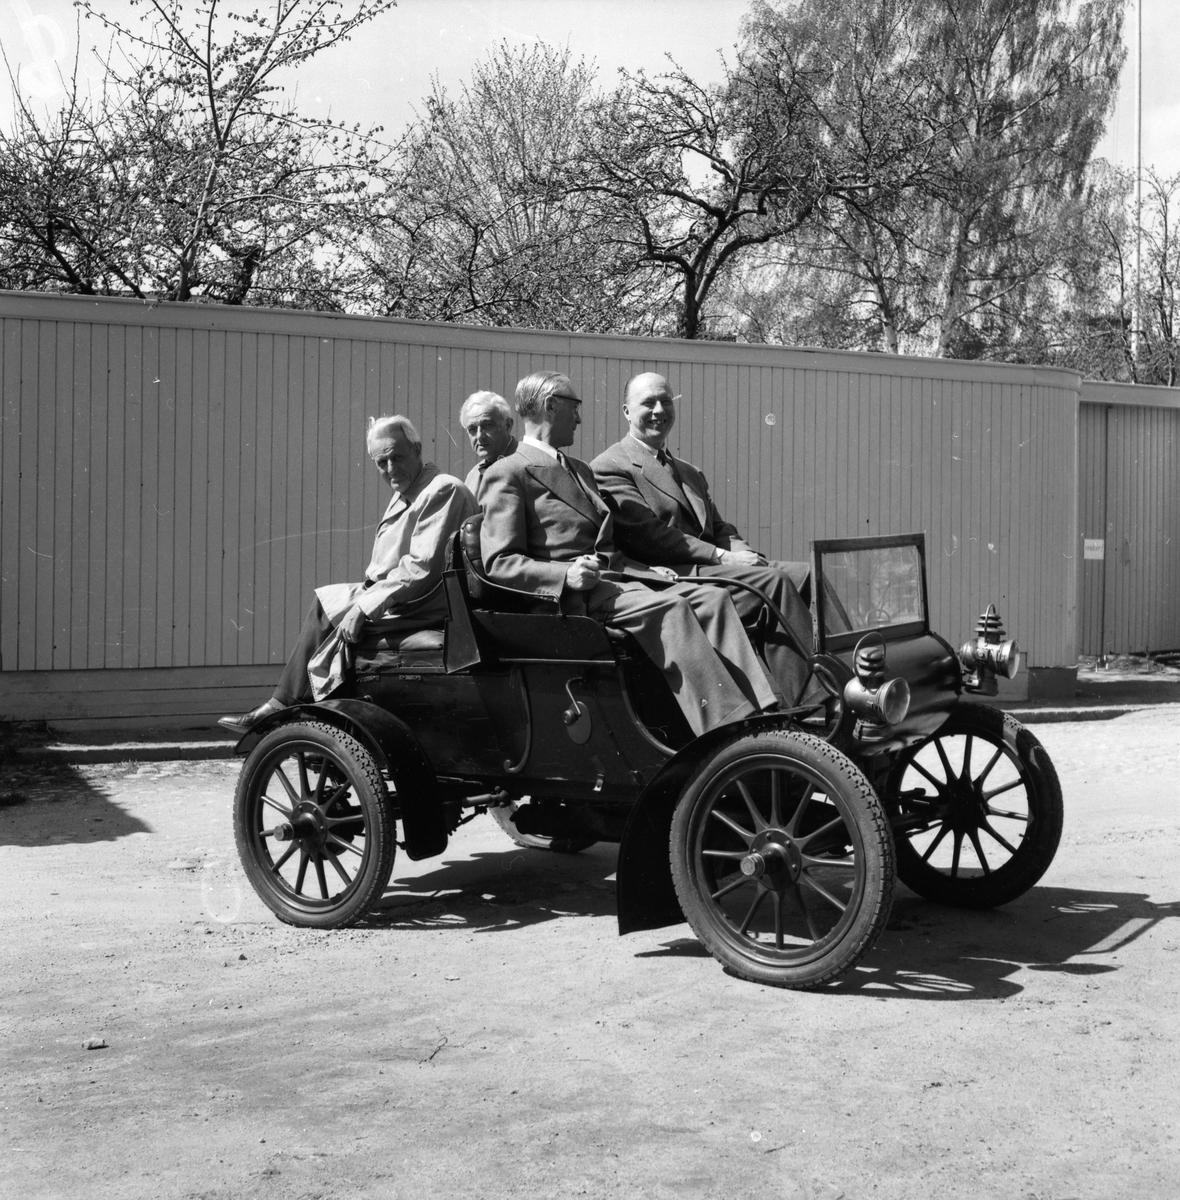 Hovotograf Carl Larssons första bil Oldsmobile 1904 års modell som inköptes 1907 av fabrikör Södergren, Gävle. Nådde en topphastighet på 40 km/tim. Bilen fick en ny start hos Tage Berglund, Överhärde och hamnade till slut på Länsmuseet skänkt av AB Bröderna Hansson.